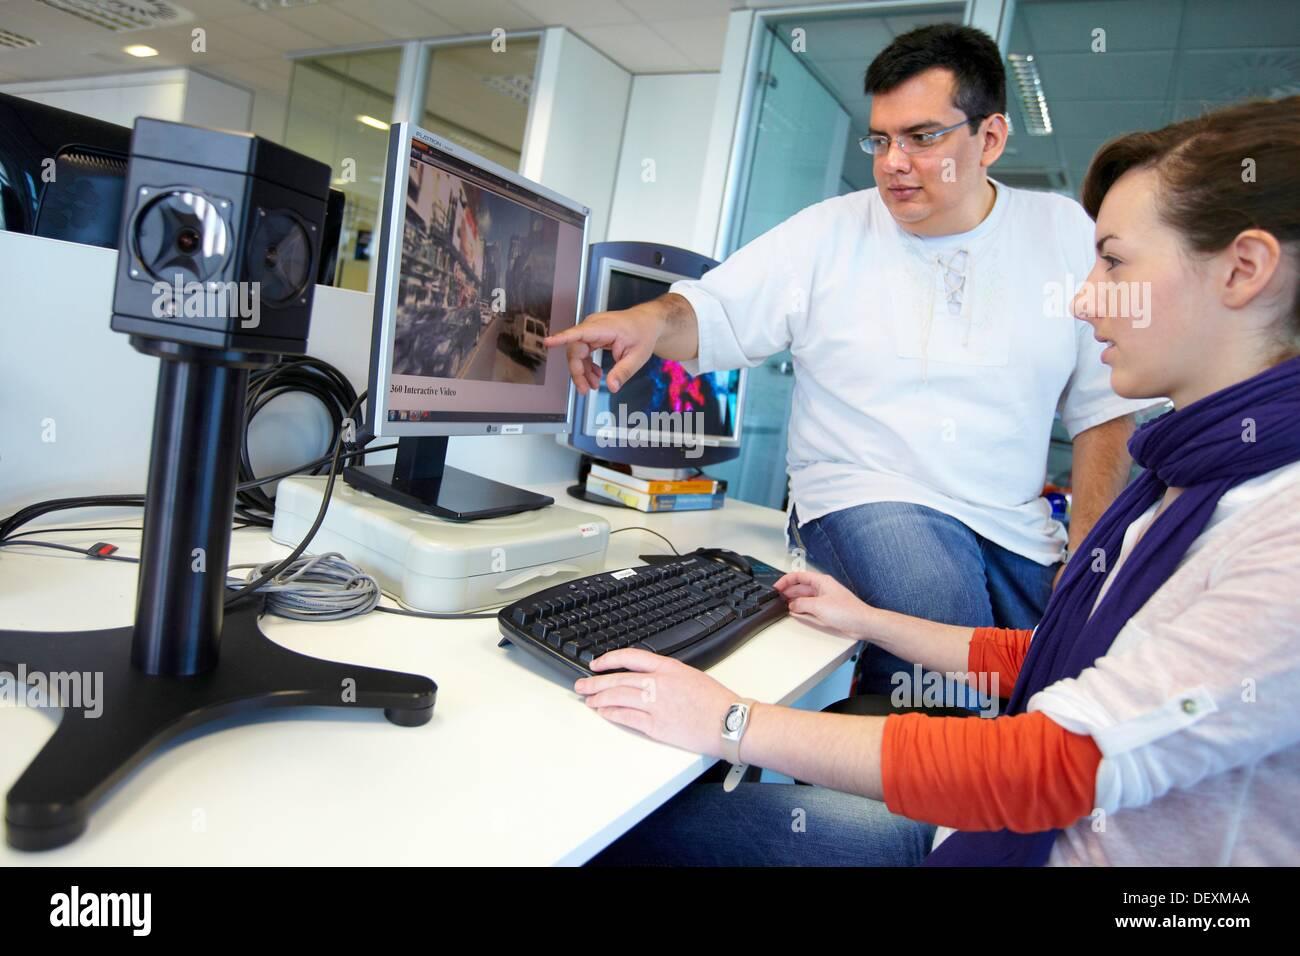 Video demo omnidireccional, sistemas inteligentes de transporte e ingeniería, VICOMTECH-IK4 Interacción Visual y Imagen De Stock